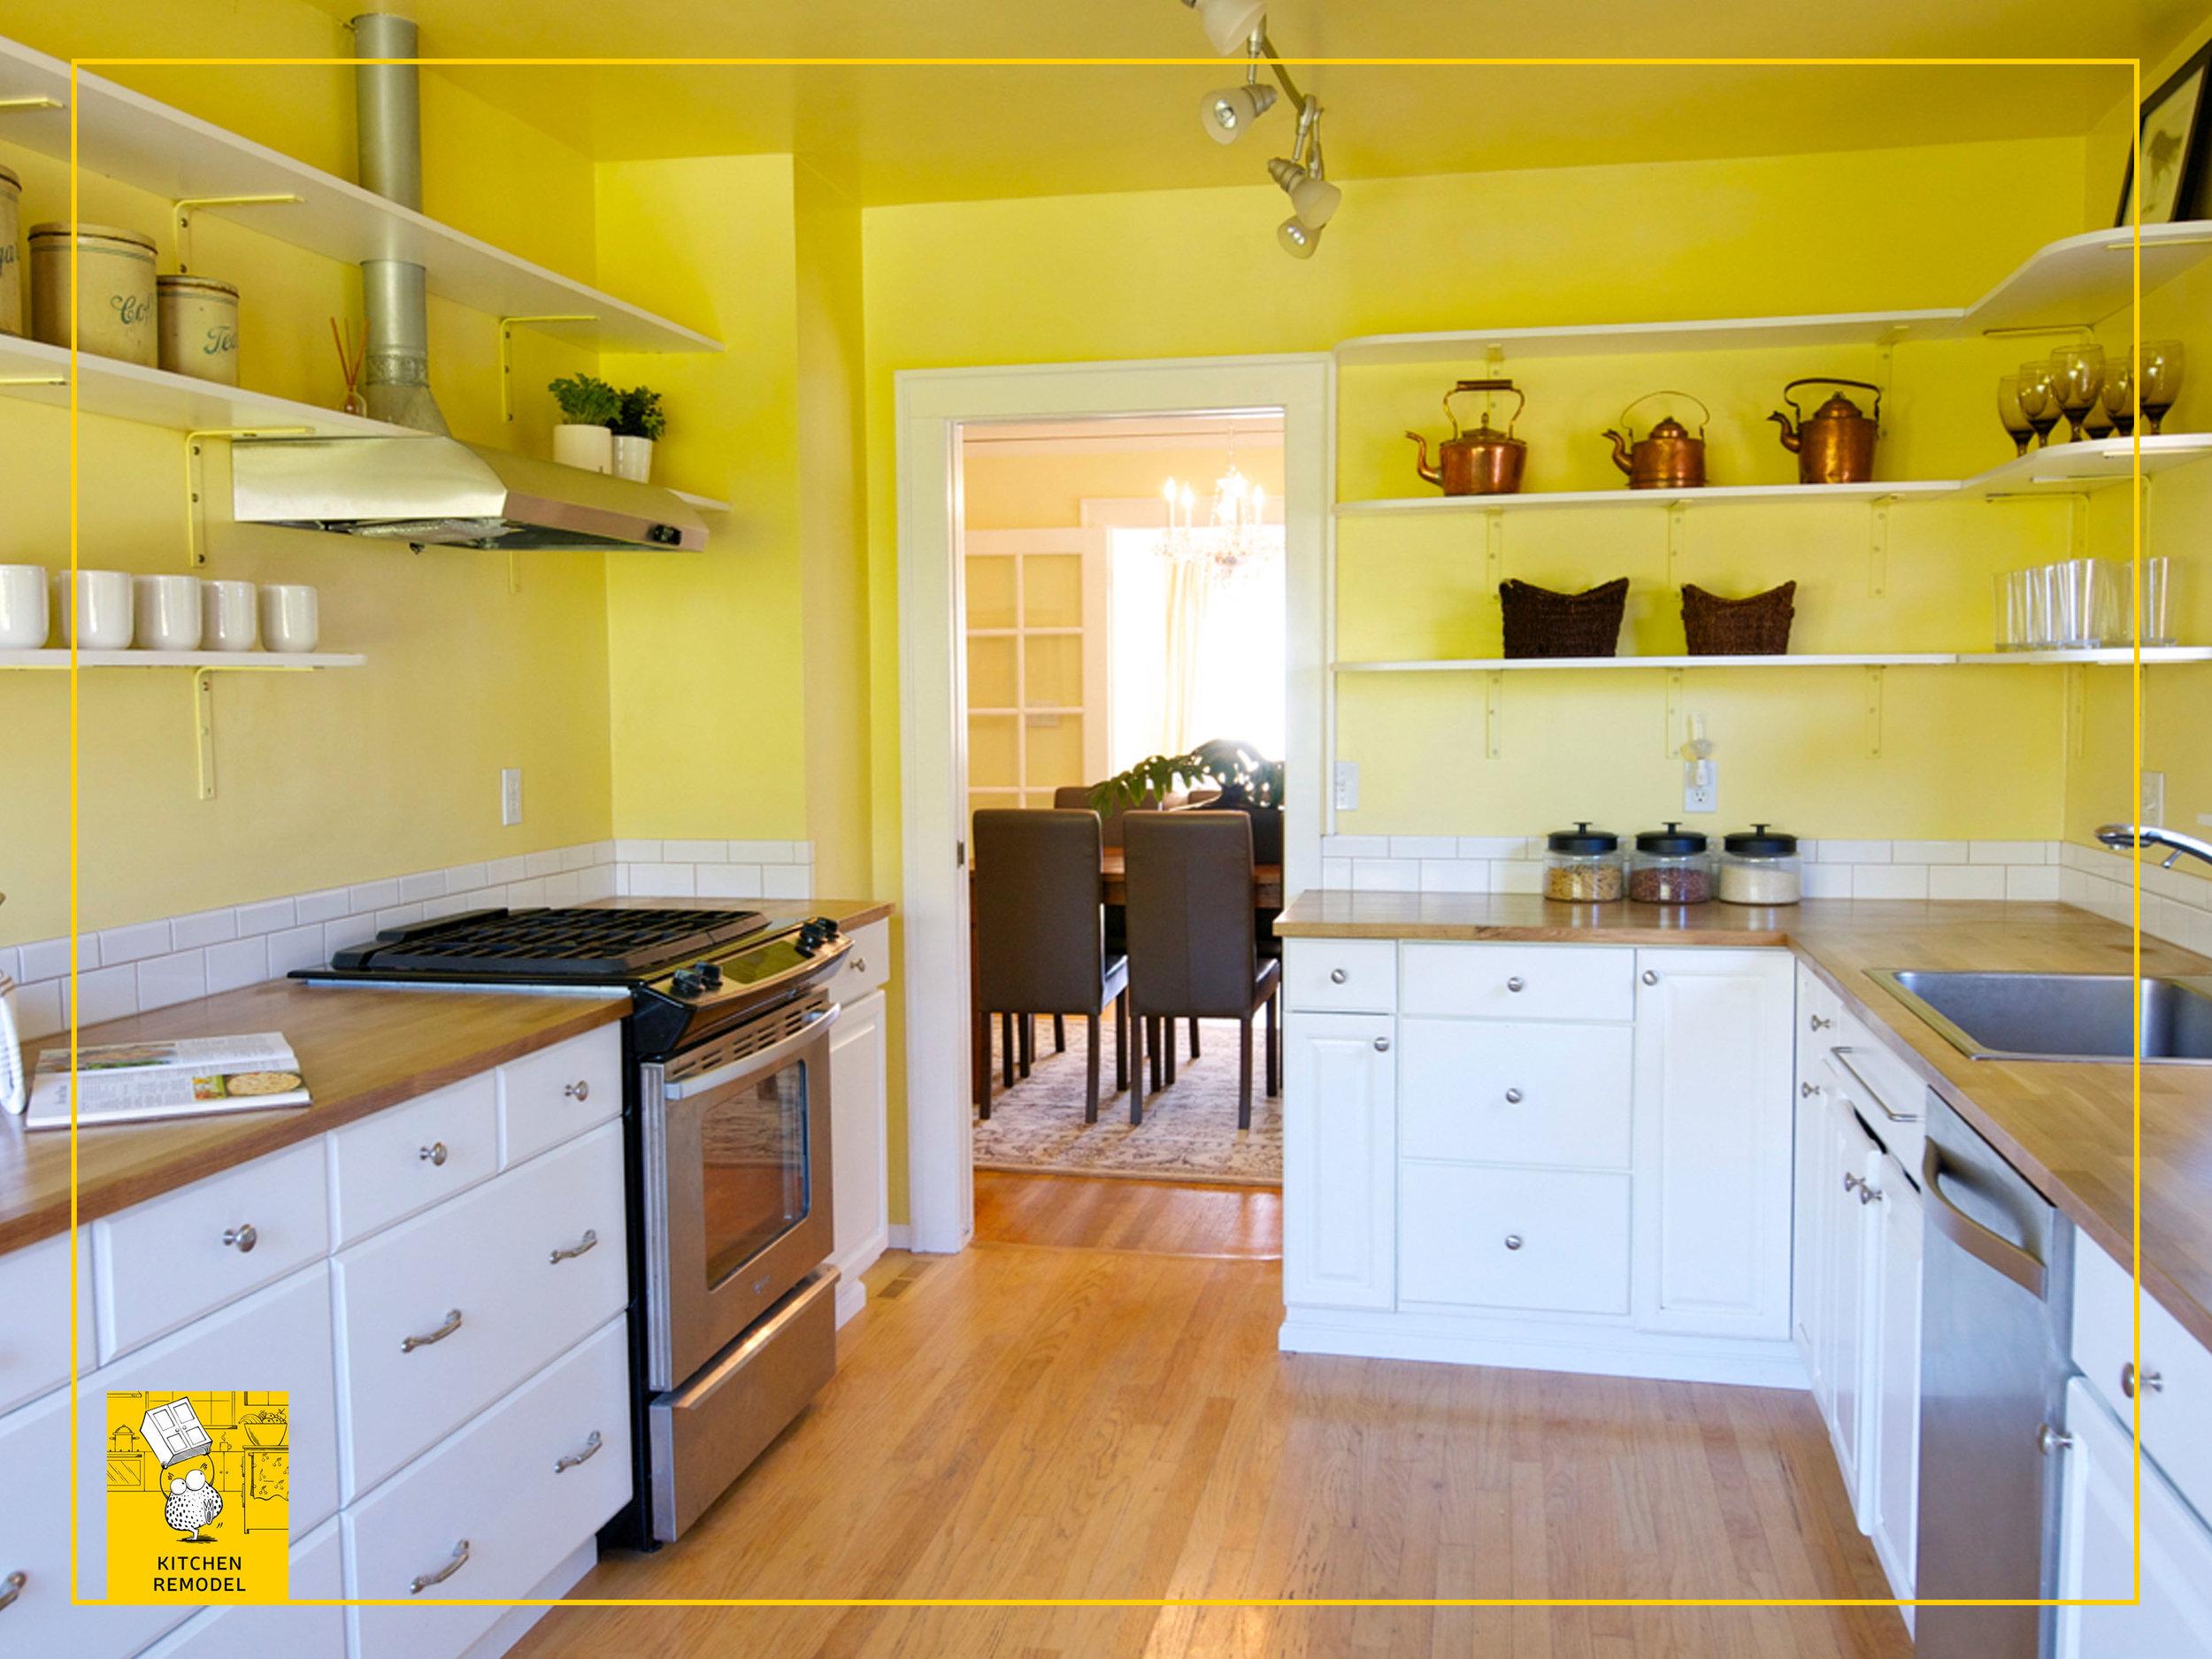 MT kitchen 3 after 1.jpg